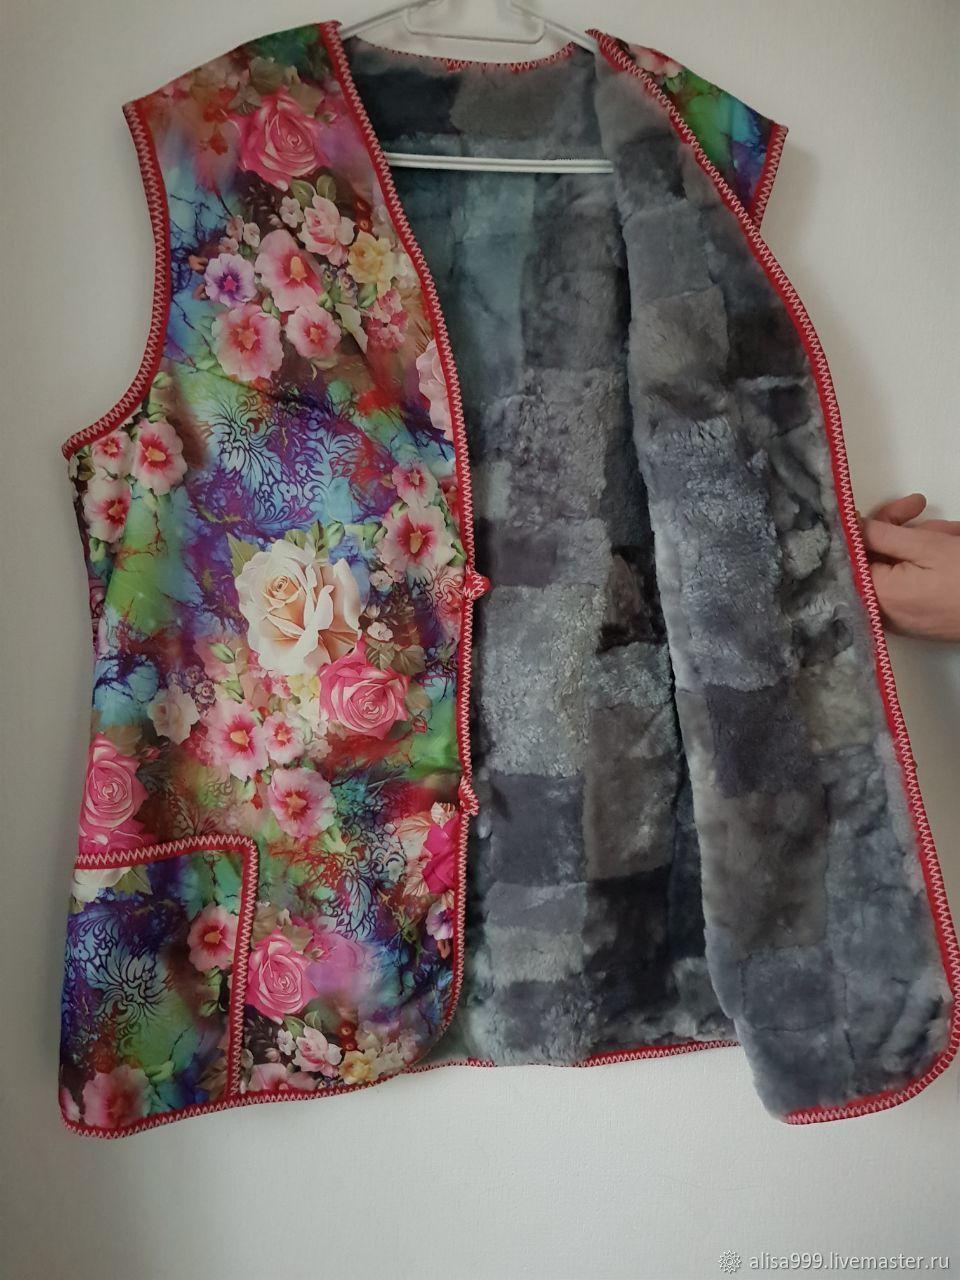 Women's sheepskin vest 54 ' Flowers', Vests, Moscow,  Фото №1